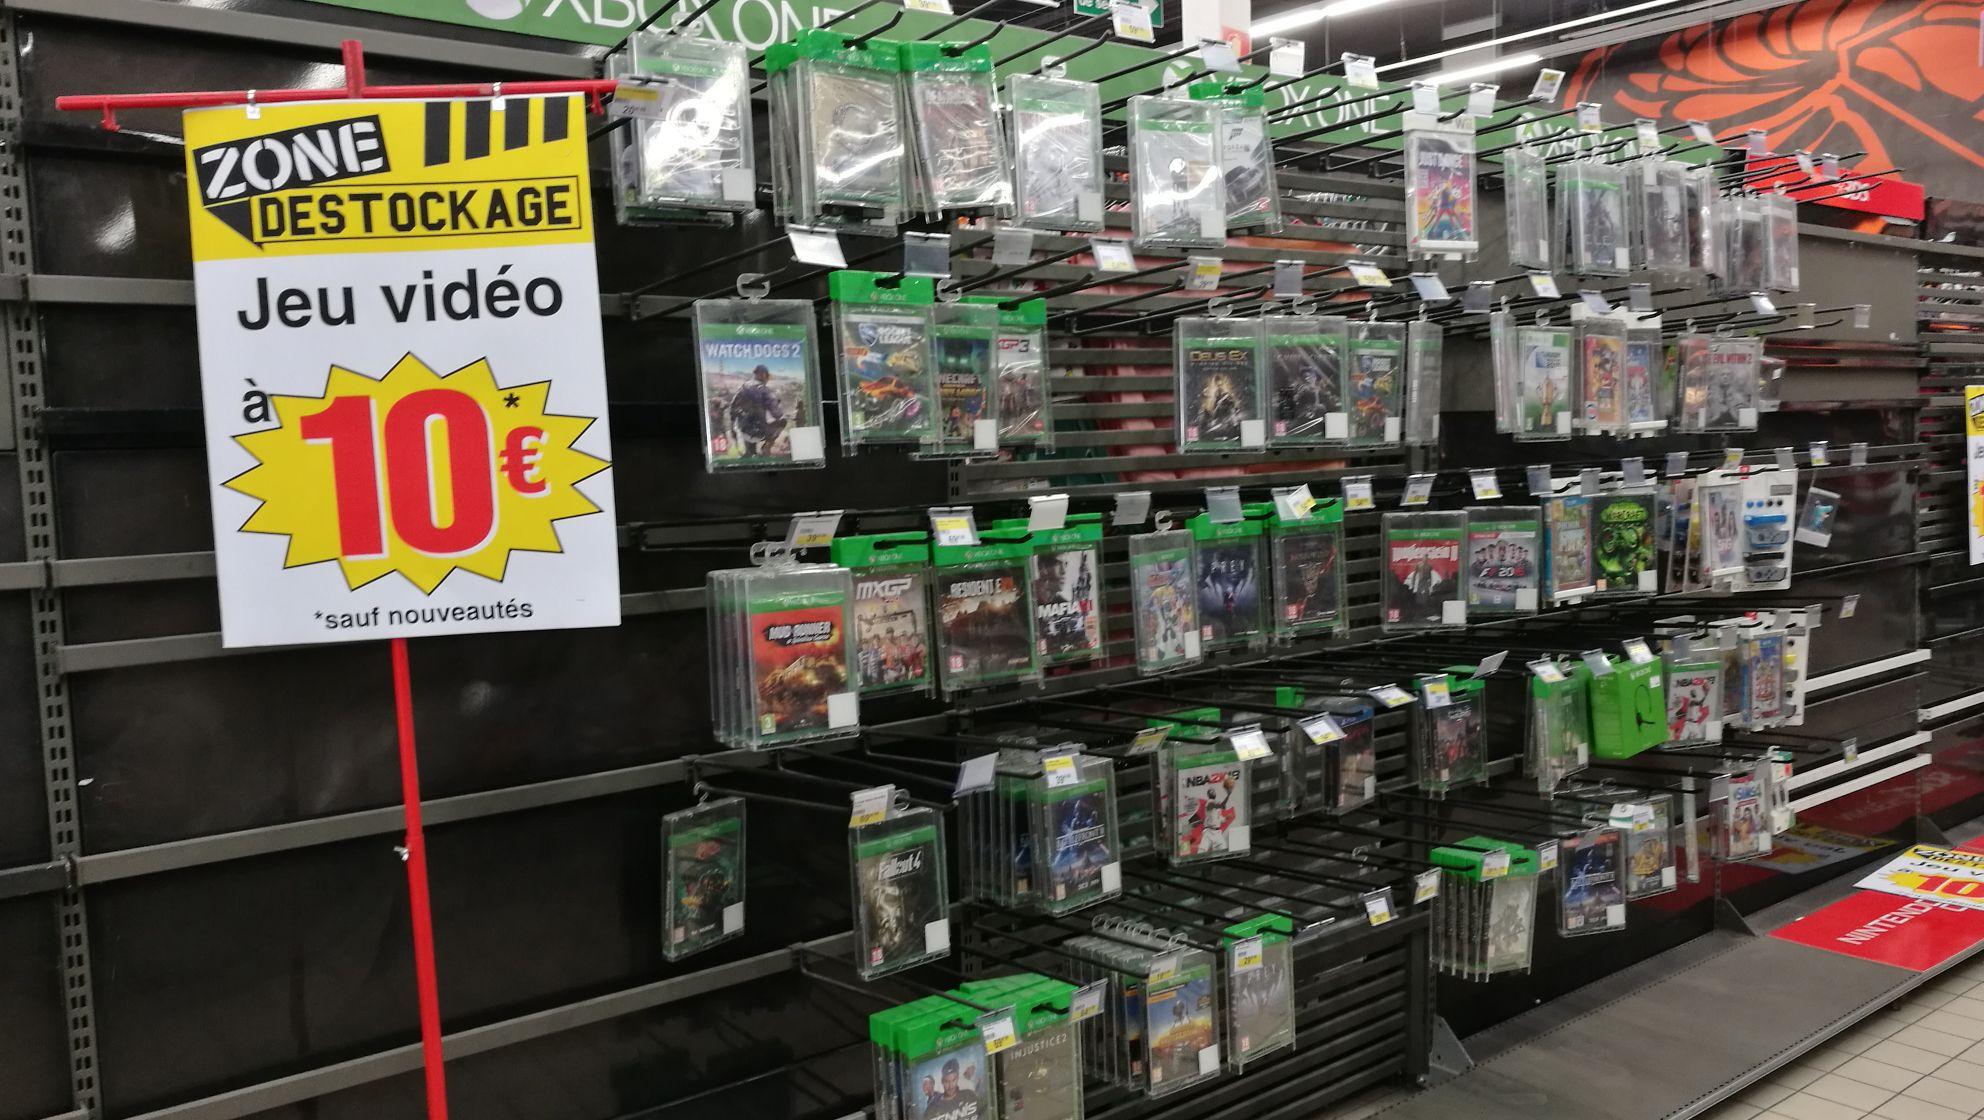 Tous les jeux vidéo à 10€ (sauf nouveautés) - Livry-Gargan (93)